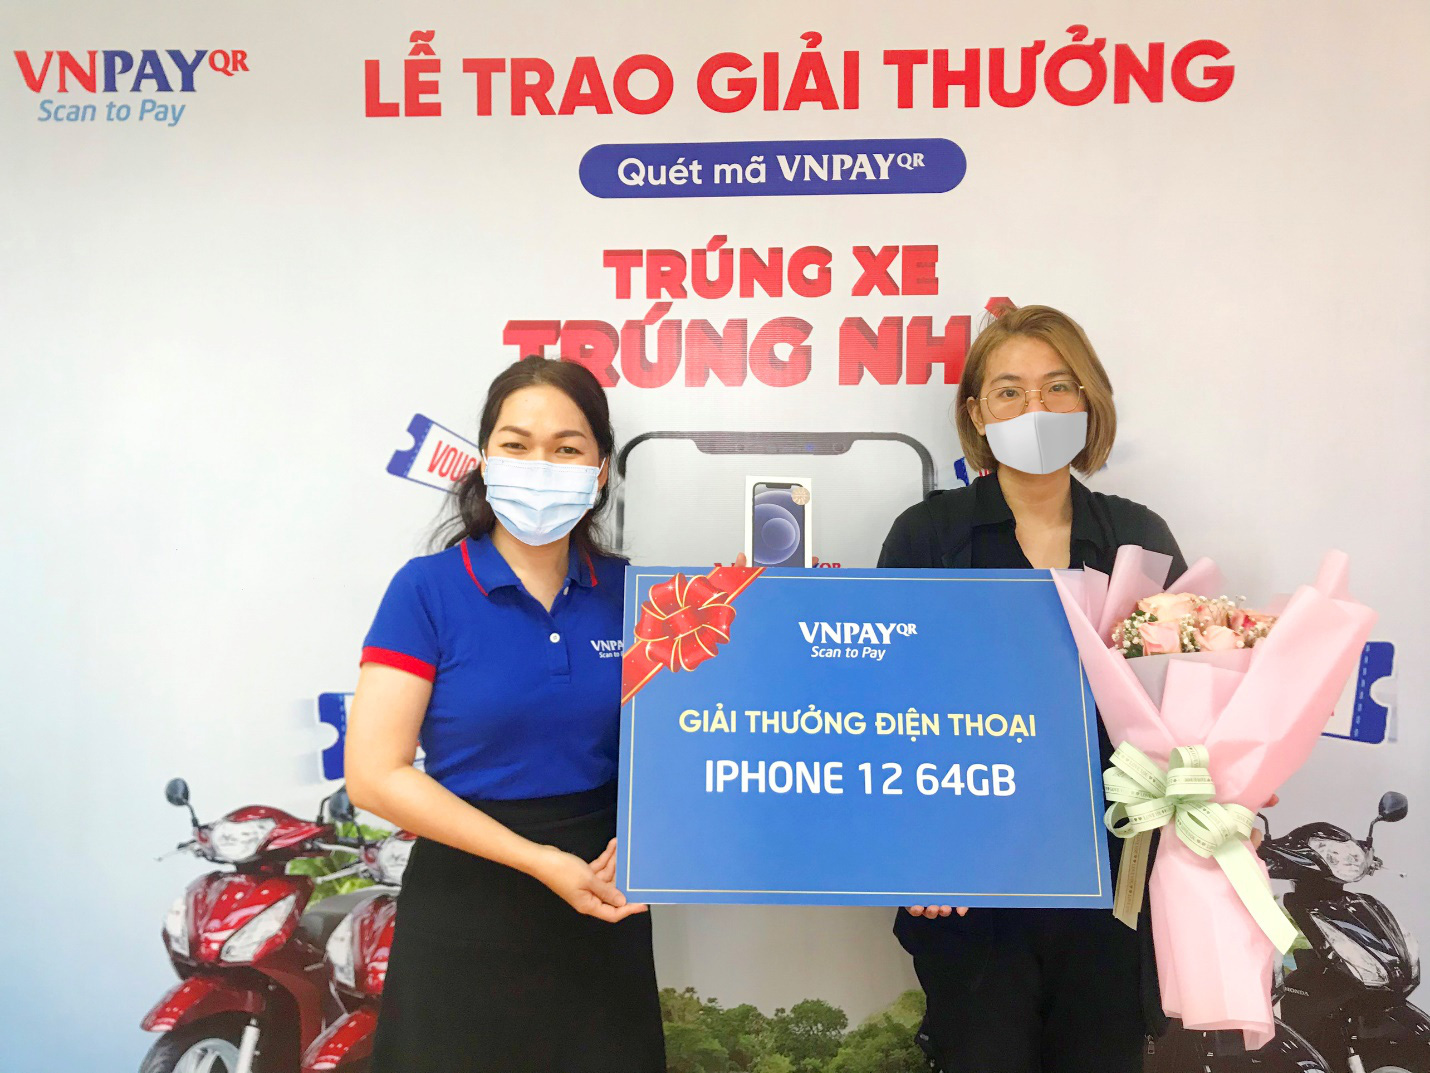 Phòng dịch COVID-19, cô gái quét mã VNPAY thanh toán khi đi ăn uống, ai ngờ trúng luôn iPhone 12 - Ảnh 1.